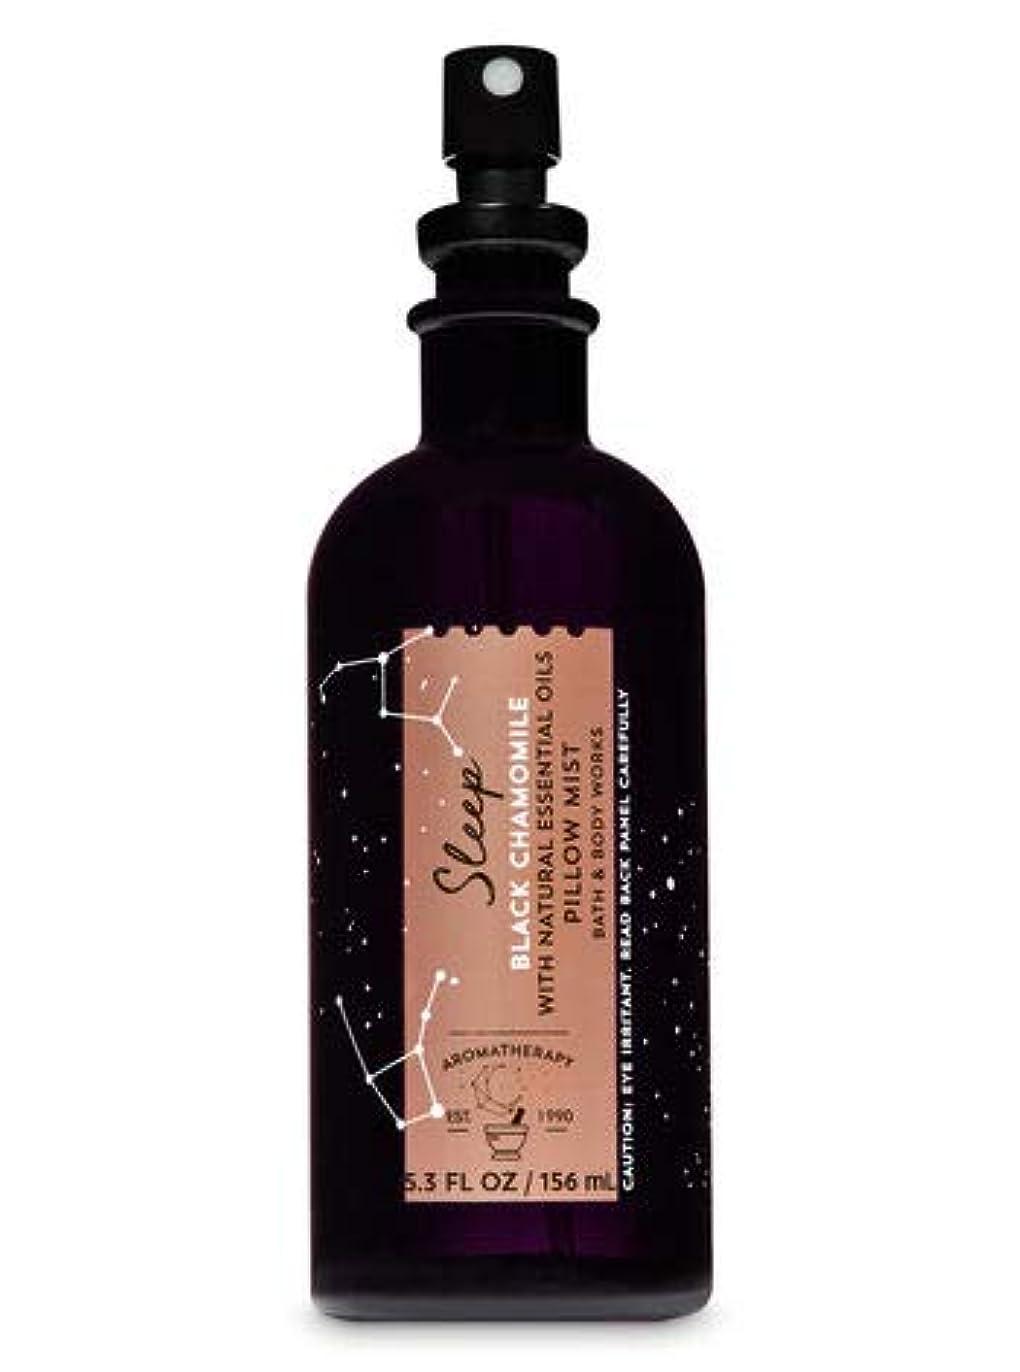 正しいビタミン意見【Bath&Body Works/バス&ボディワークス】 ピローミスト アロマセラピー スリープ ブラックカモミール Aromatherapy Pillow Mist Sleep Black Chamomile 5.3 fl oz / 156 mL [並行輸入品]